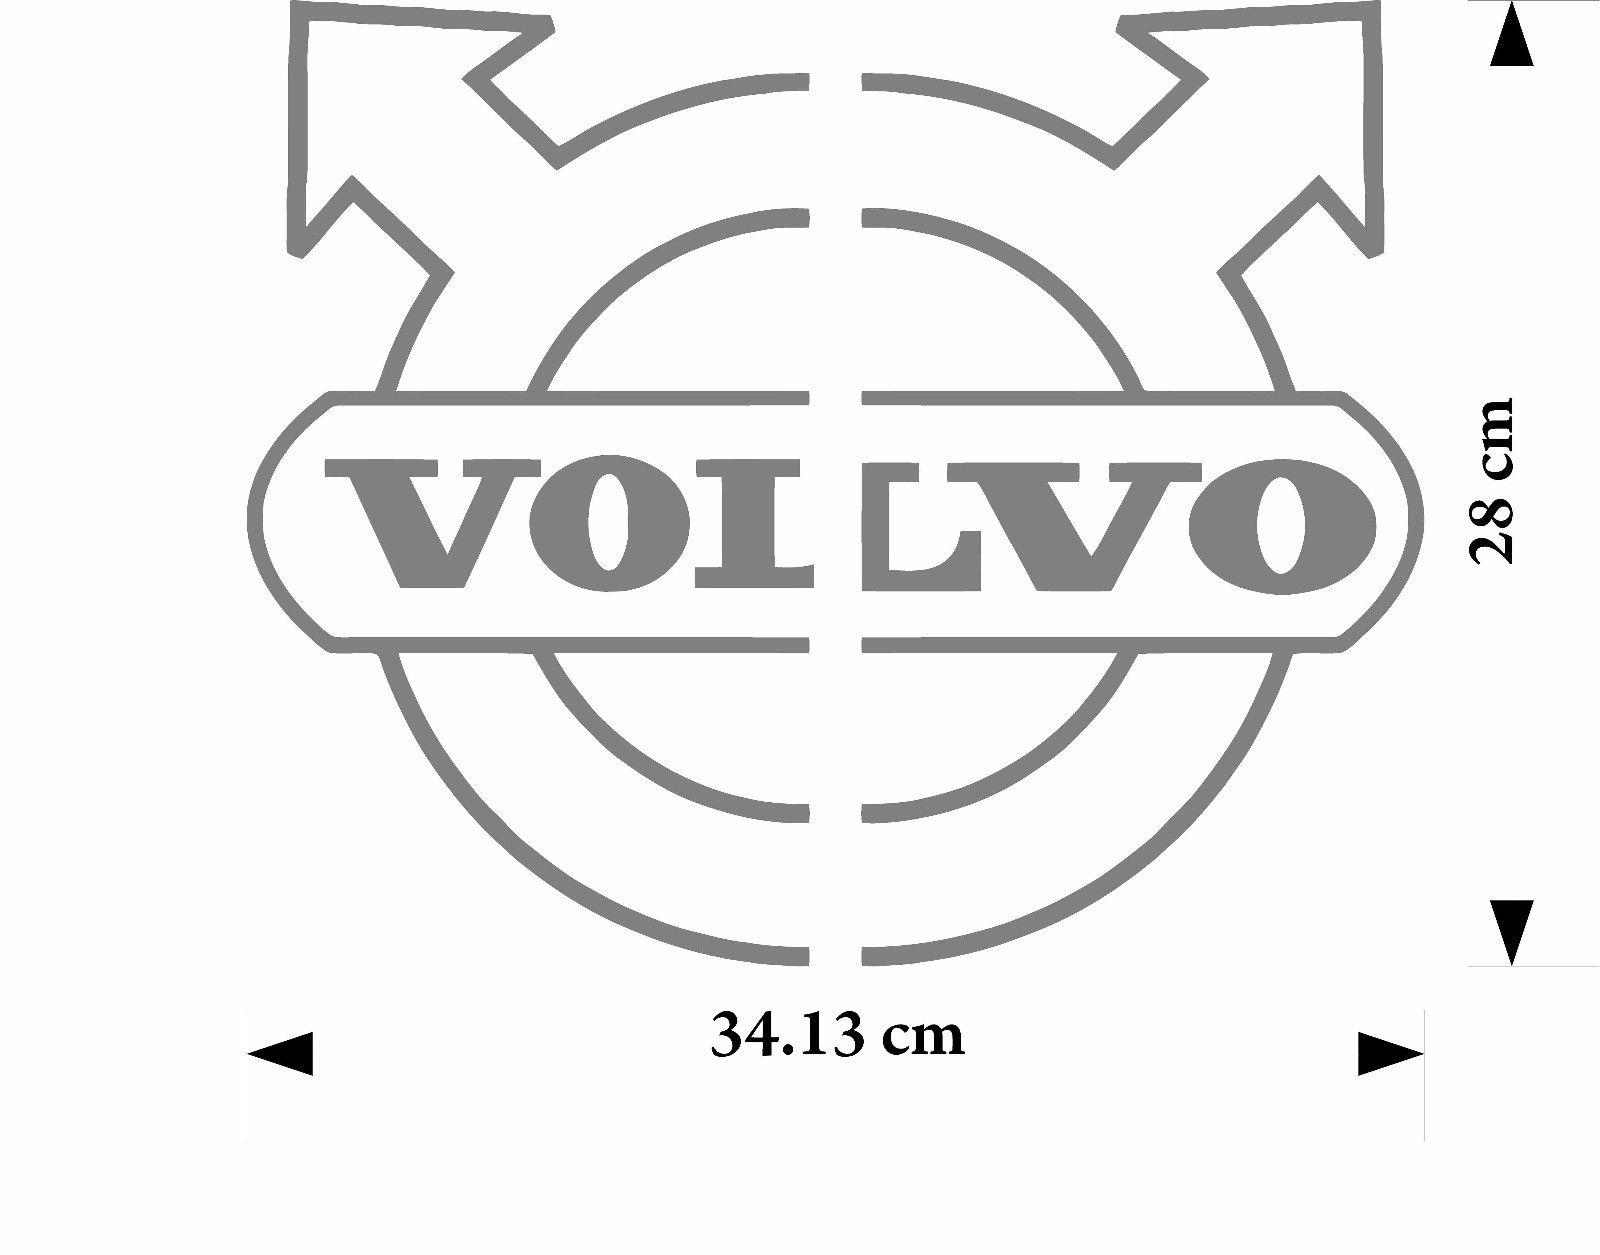 Volvo Truck Stickers